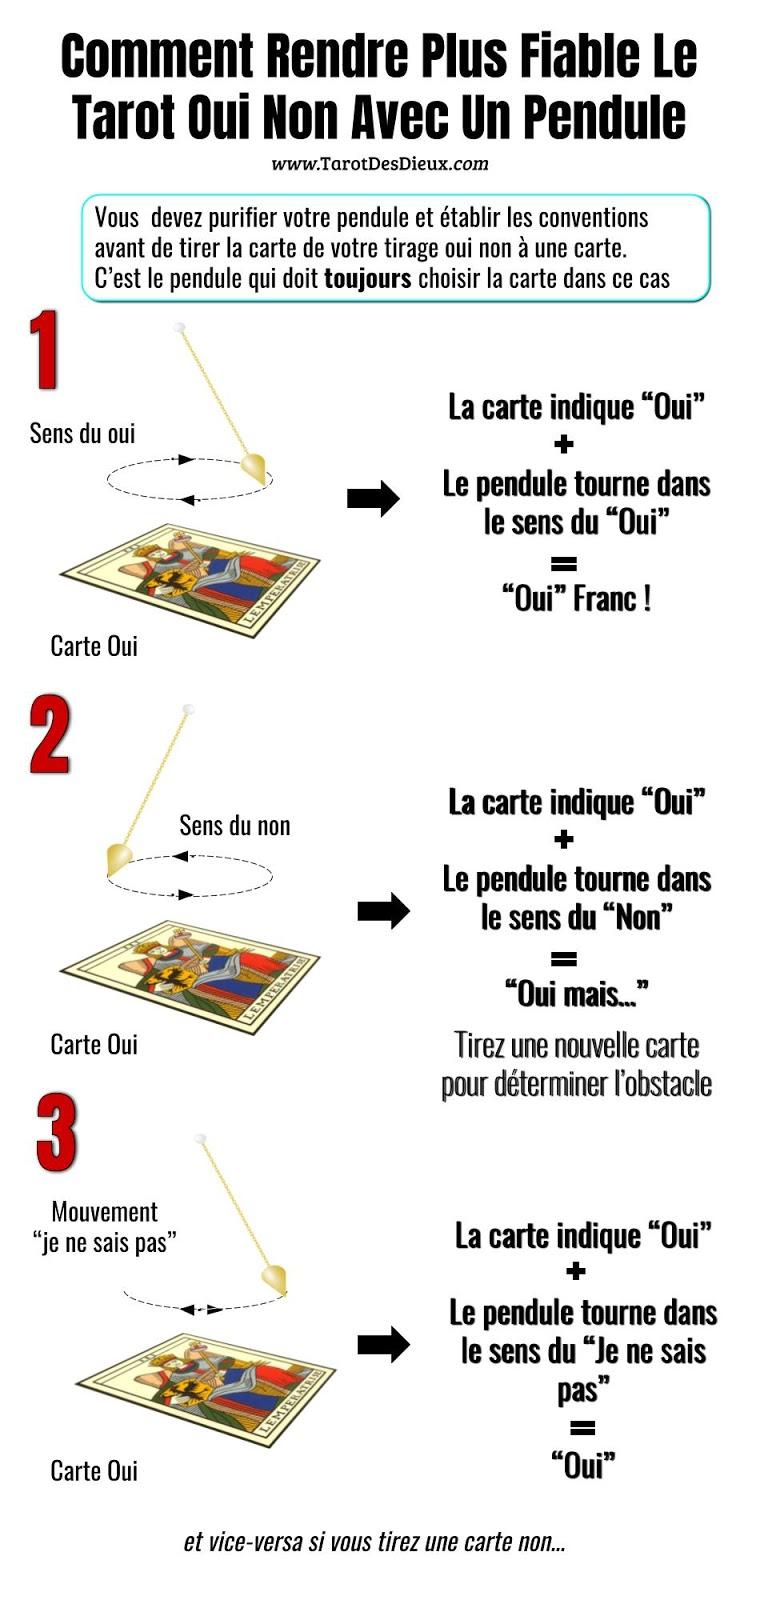 Les règles d'utilisation du pendule avec un tarot oui non à une seule carte